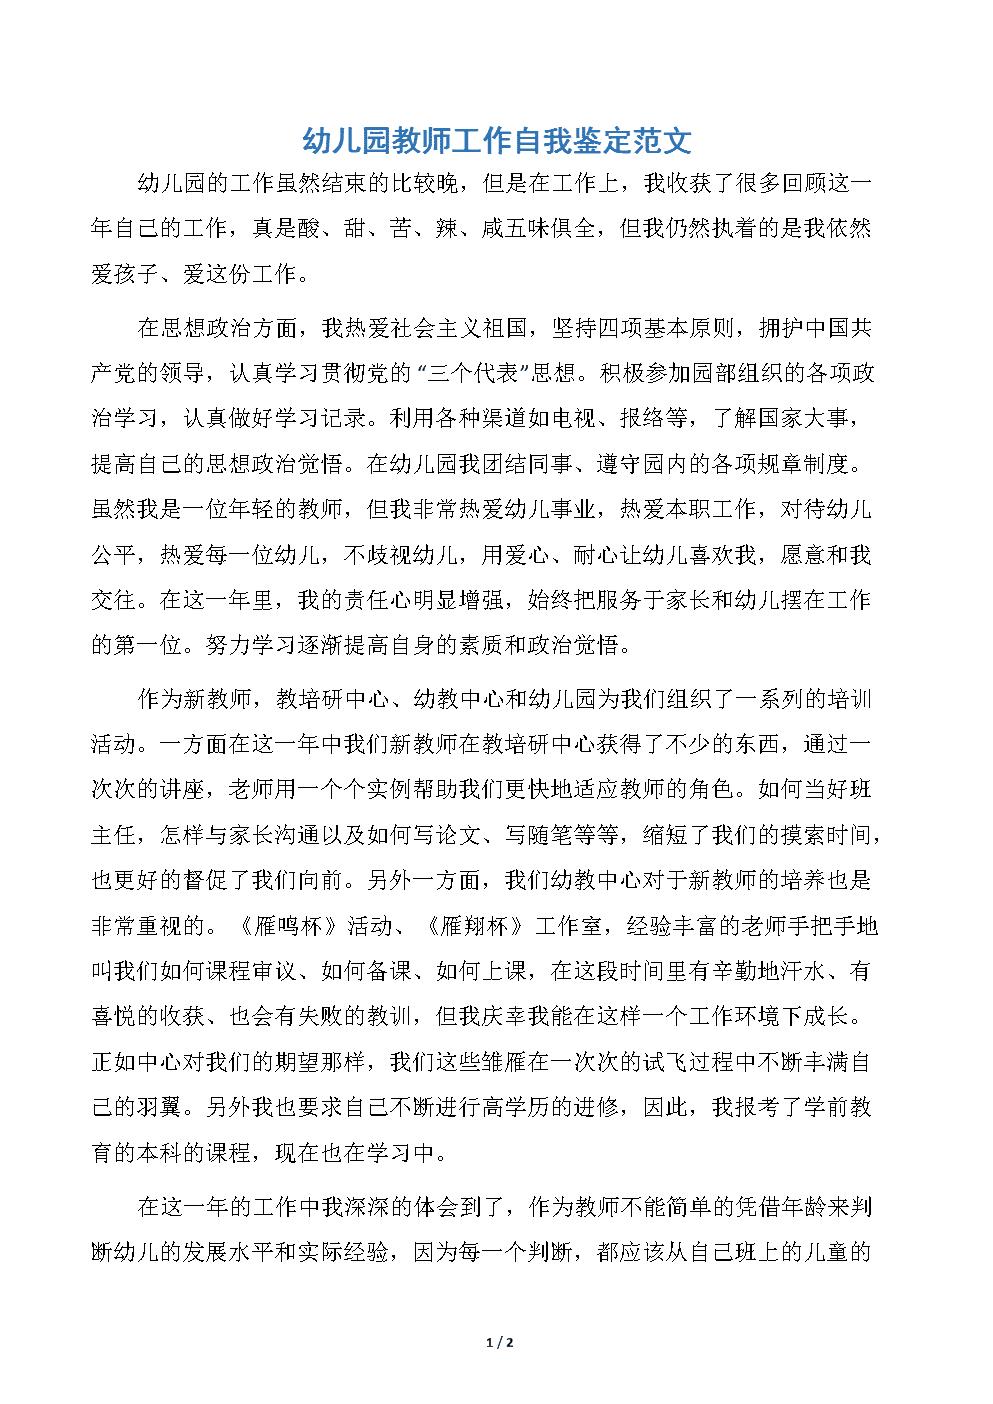 幼儿园教师工作自我鉴定范文.docx